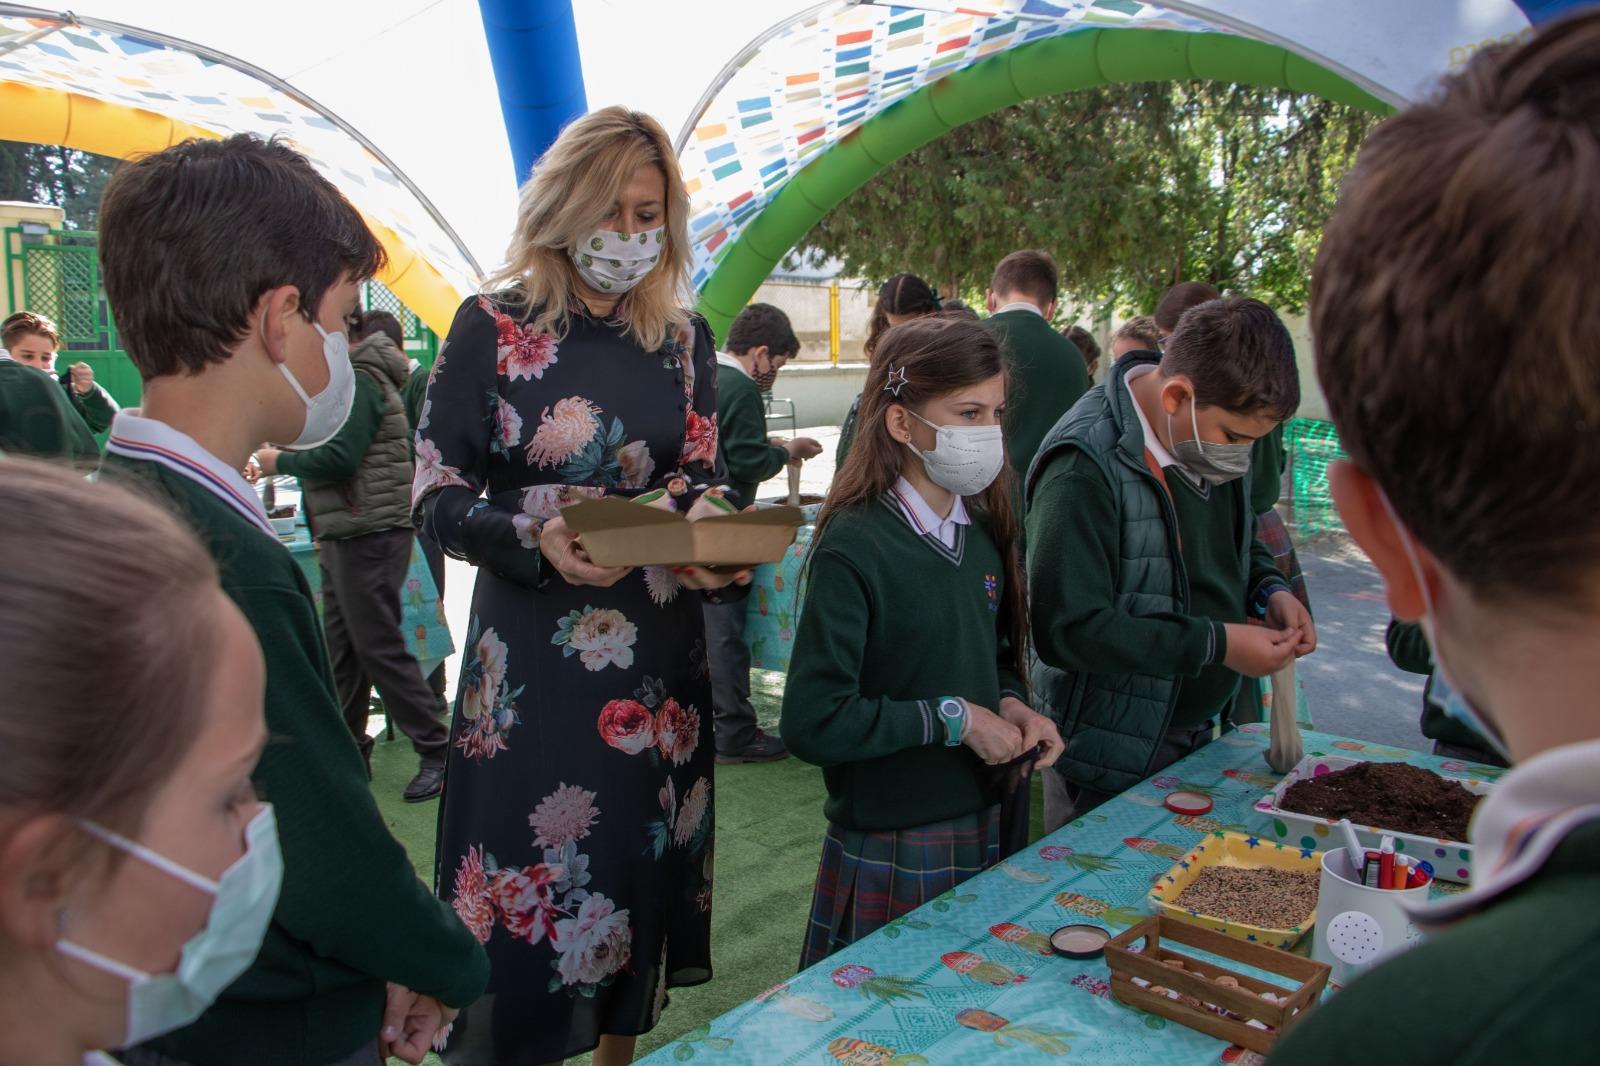 La IV Semana de la Vega se celebra en Granada con actividades de concienciación sobre el cuidado del entorno y la naturaleza